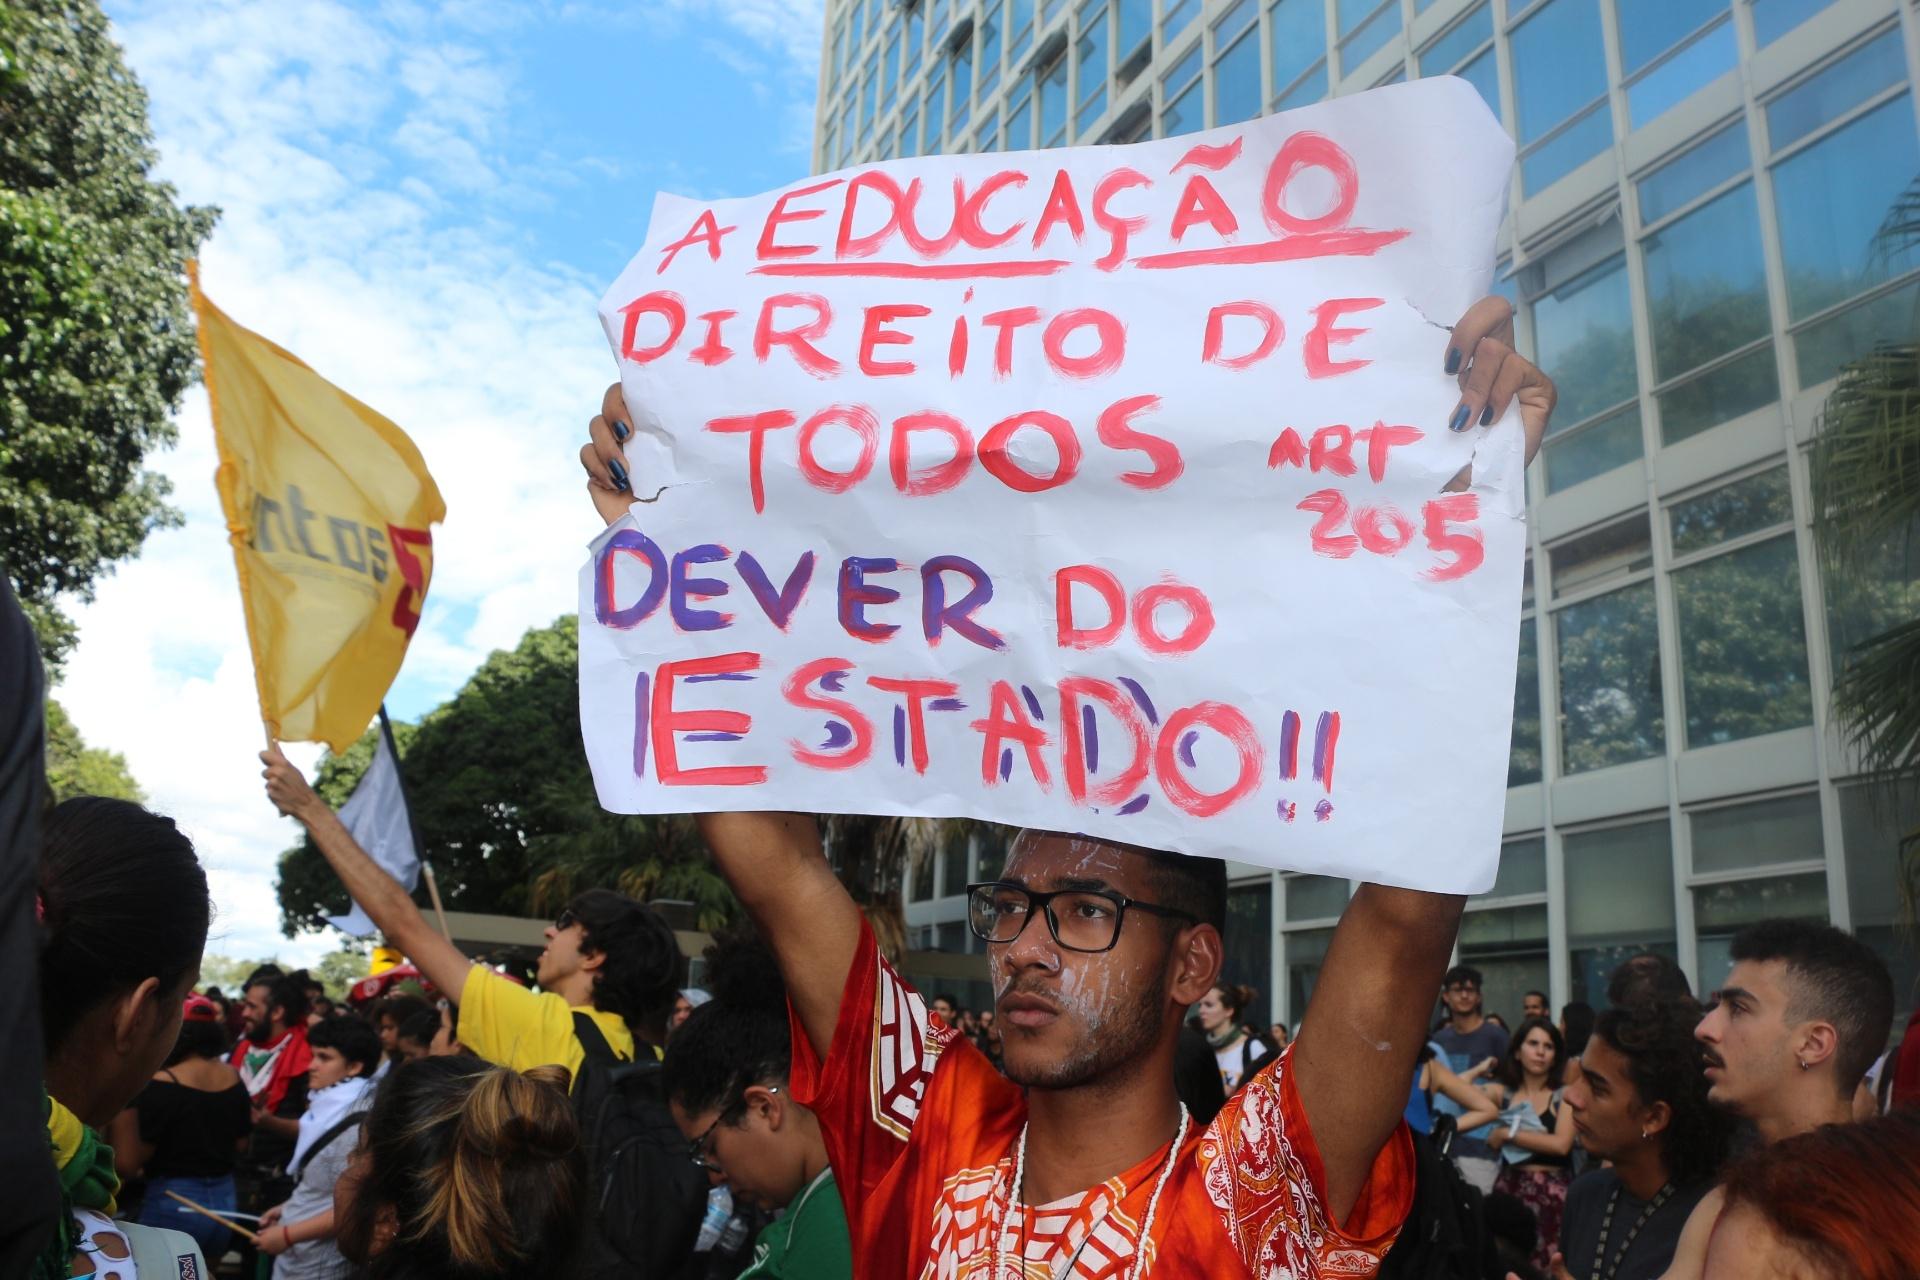 manifestacao-dos-servidores-professores-e-alunos-da-universidade-de-brasilia-unb-na-manha-desta-terca-feira-10-em-frente-ao-ministerio-da-educacao-contra-o-corte-de-gastos-que-atinge-a-1523